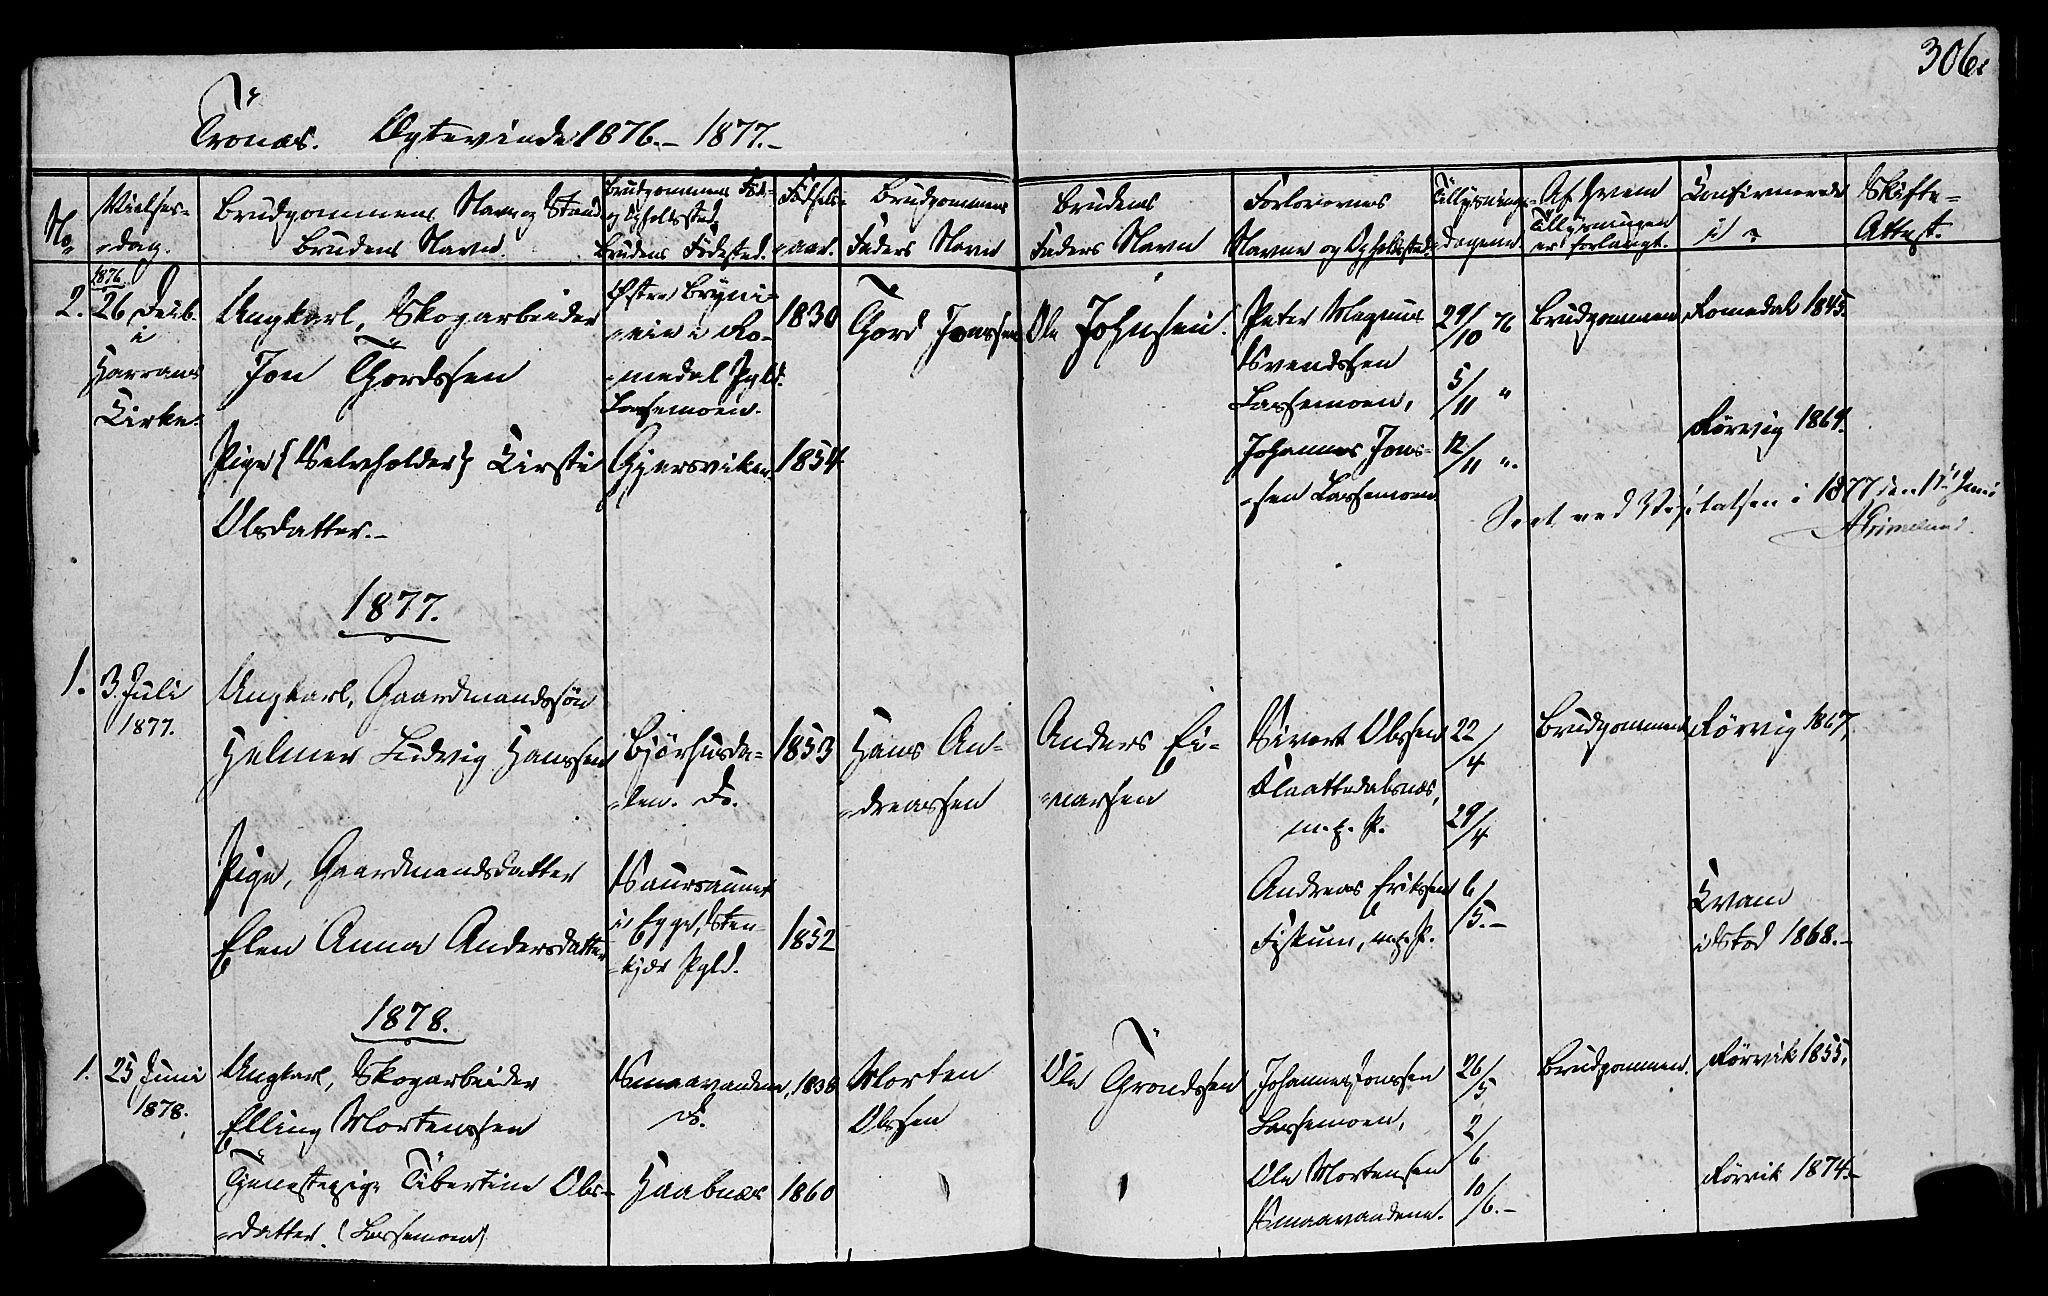 SAT, Ministerialprotokoller, klokkerbøker og fødselsregistre - Nord-Trøndelag, 762/L0538: Ministerialbok nr. 762A02 /2, 1833-1879, s. 306